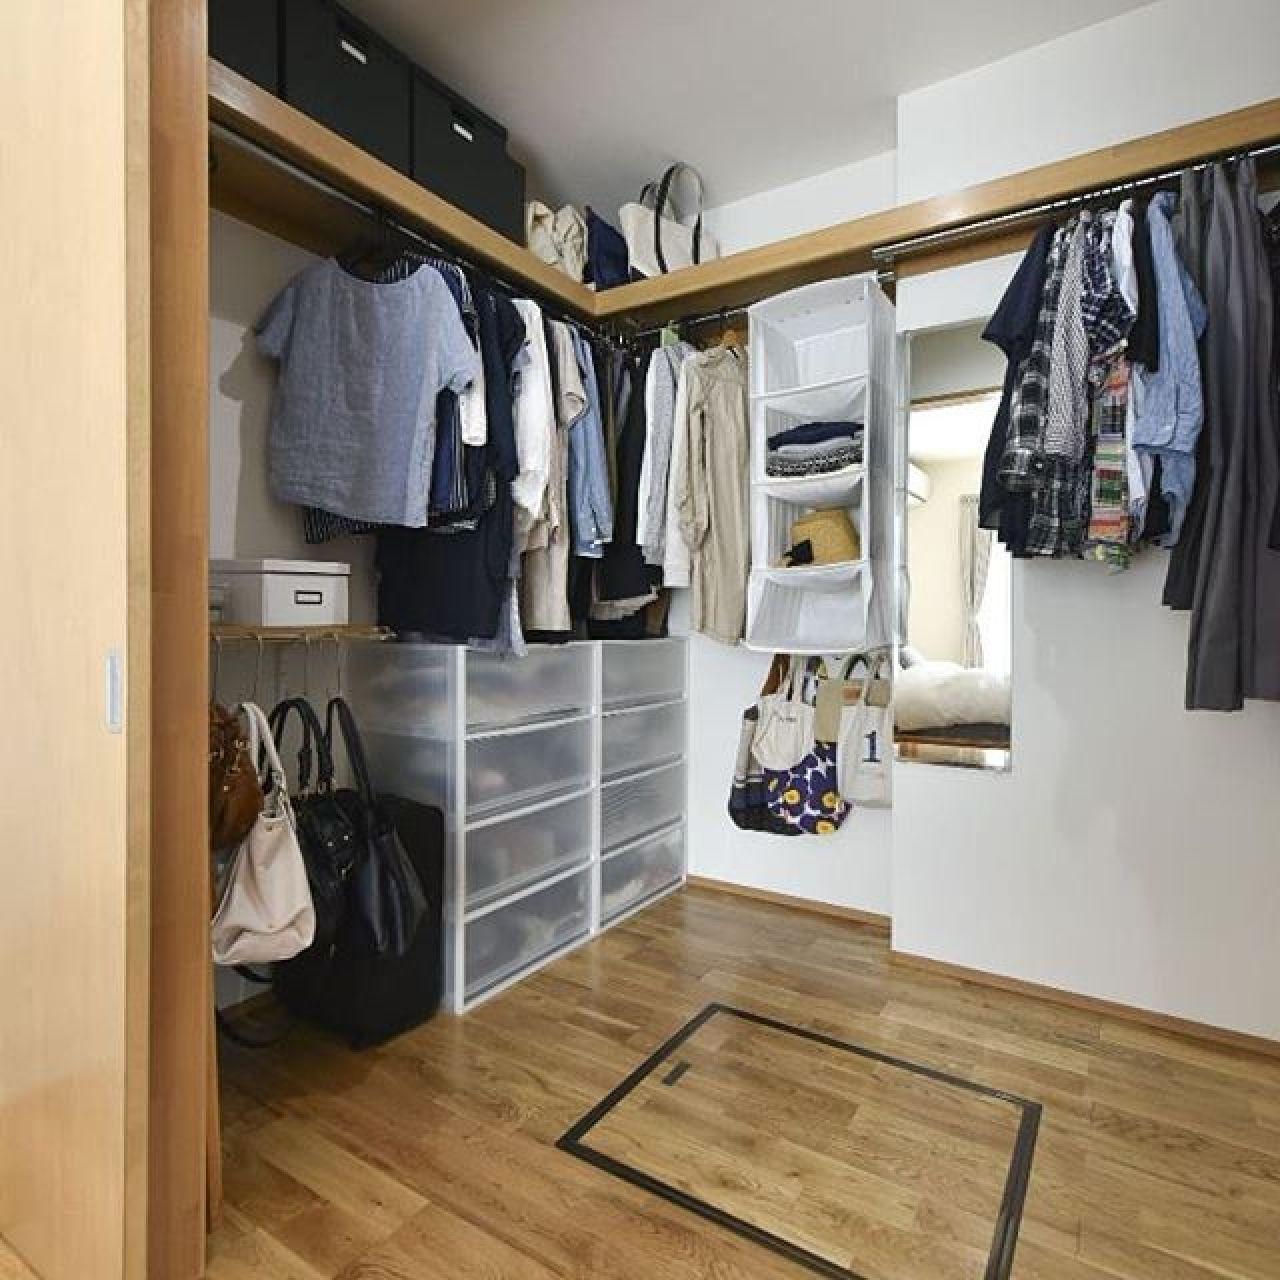 着替え室兼ファミリークローゼット。合理的に考えれば着替え室って便利です。#着替え室 #ファミリークローゼット #ウォークインクローゼット #収納#納戸#タンス#ハンガー#ハンガーパイプ#枕棚 #中段#押入#自然素材#珪藻土#消臭#乾燥#注文住宅